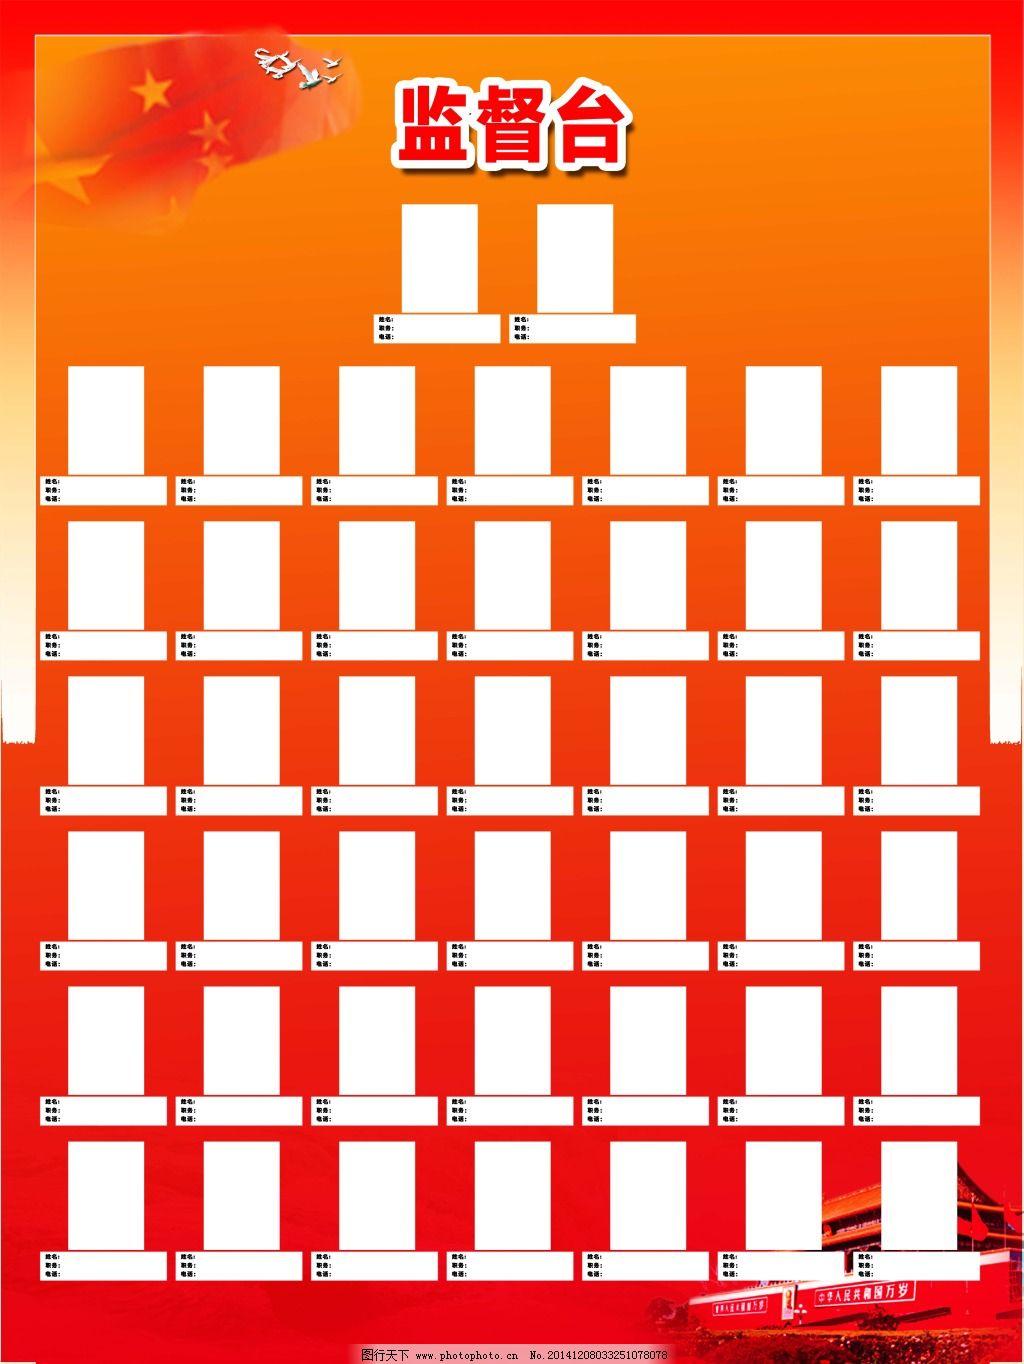 监督台 监督台免费下载 背景 国旗 天安门 广告设计